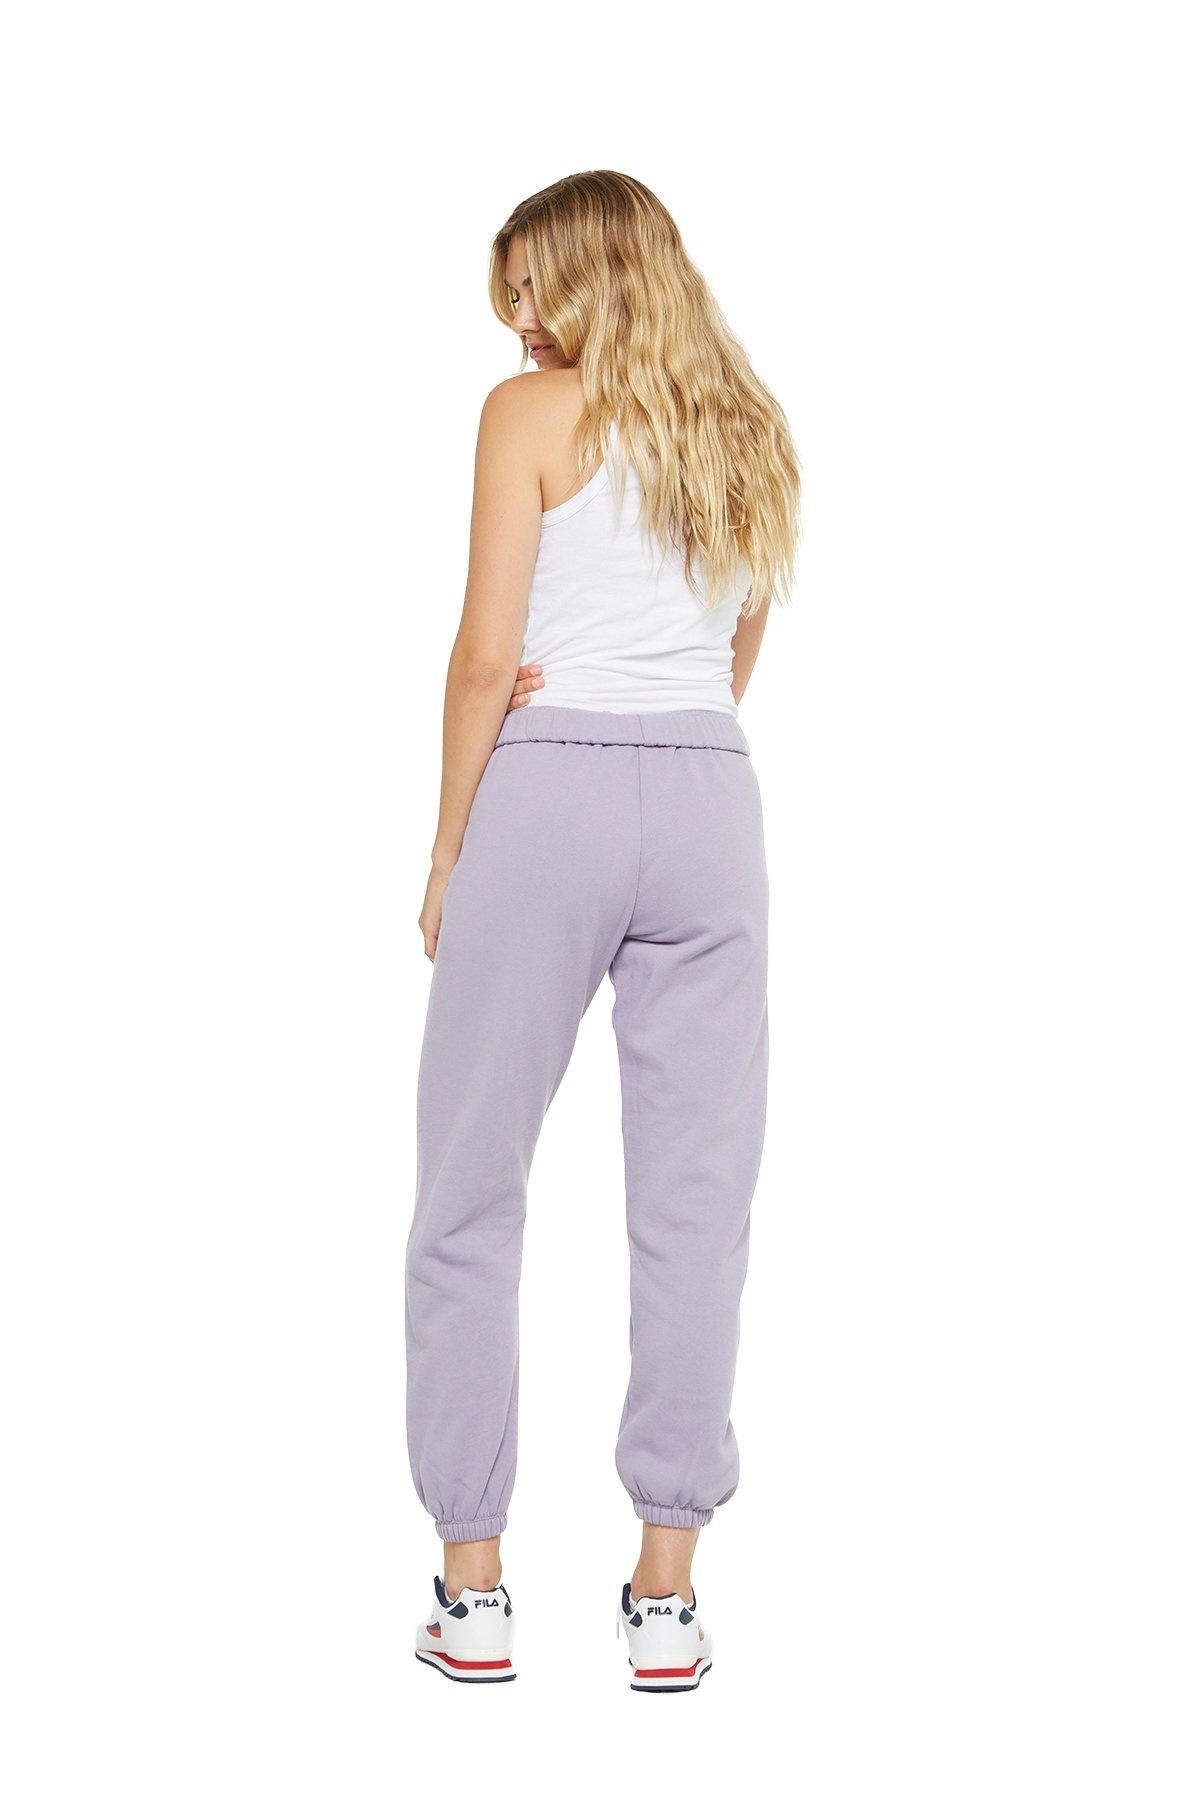 LAZYPANTS The Niki Original in Lavender